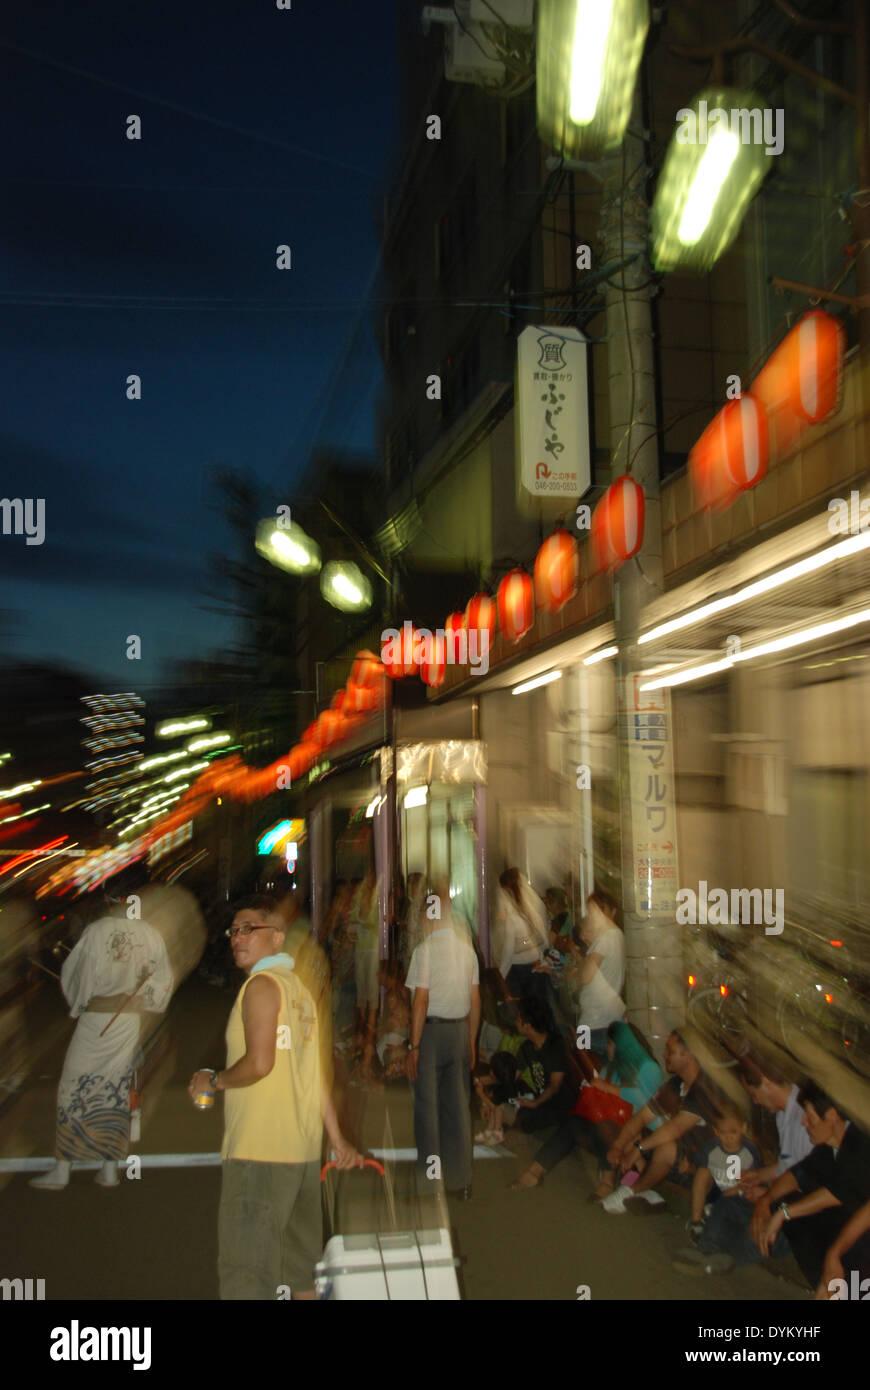 Yamato matsuri festival, Kanagawa Prefecture, Japan - Stock Image